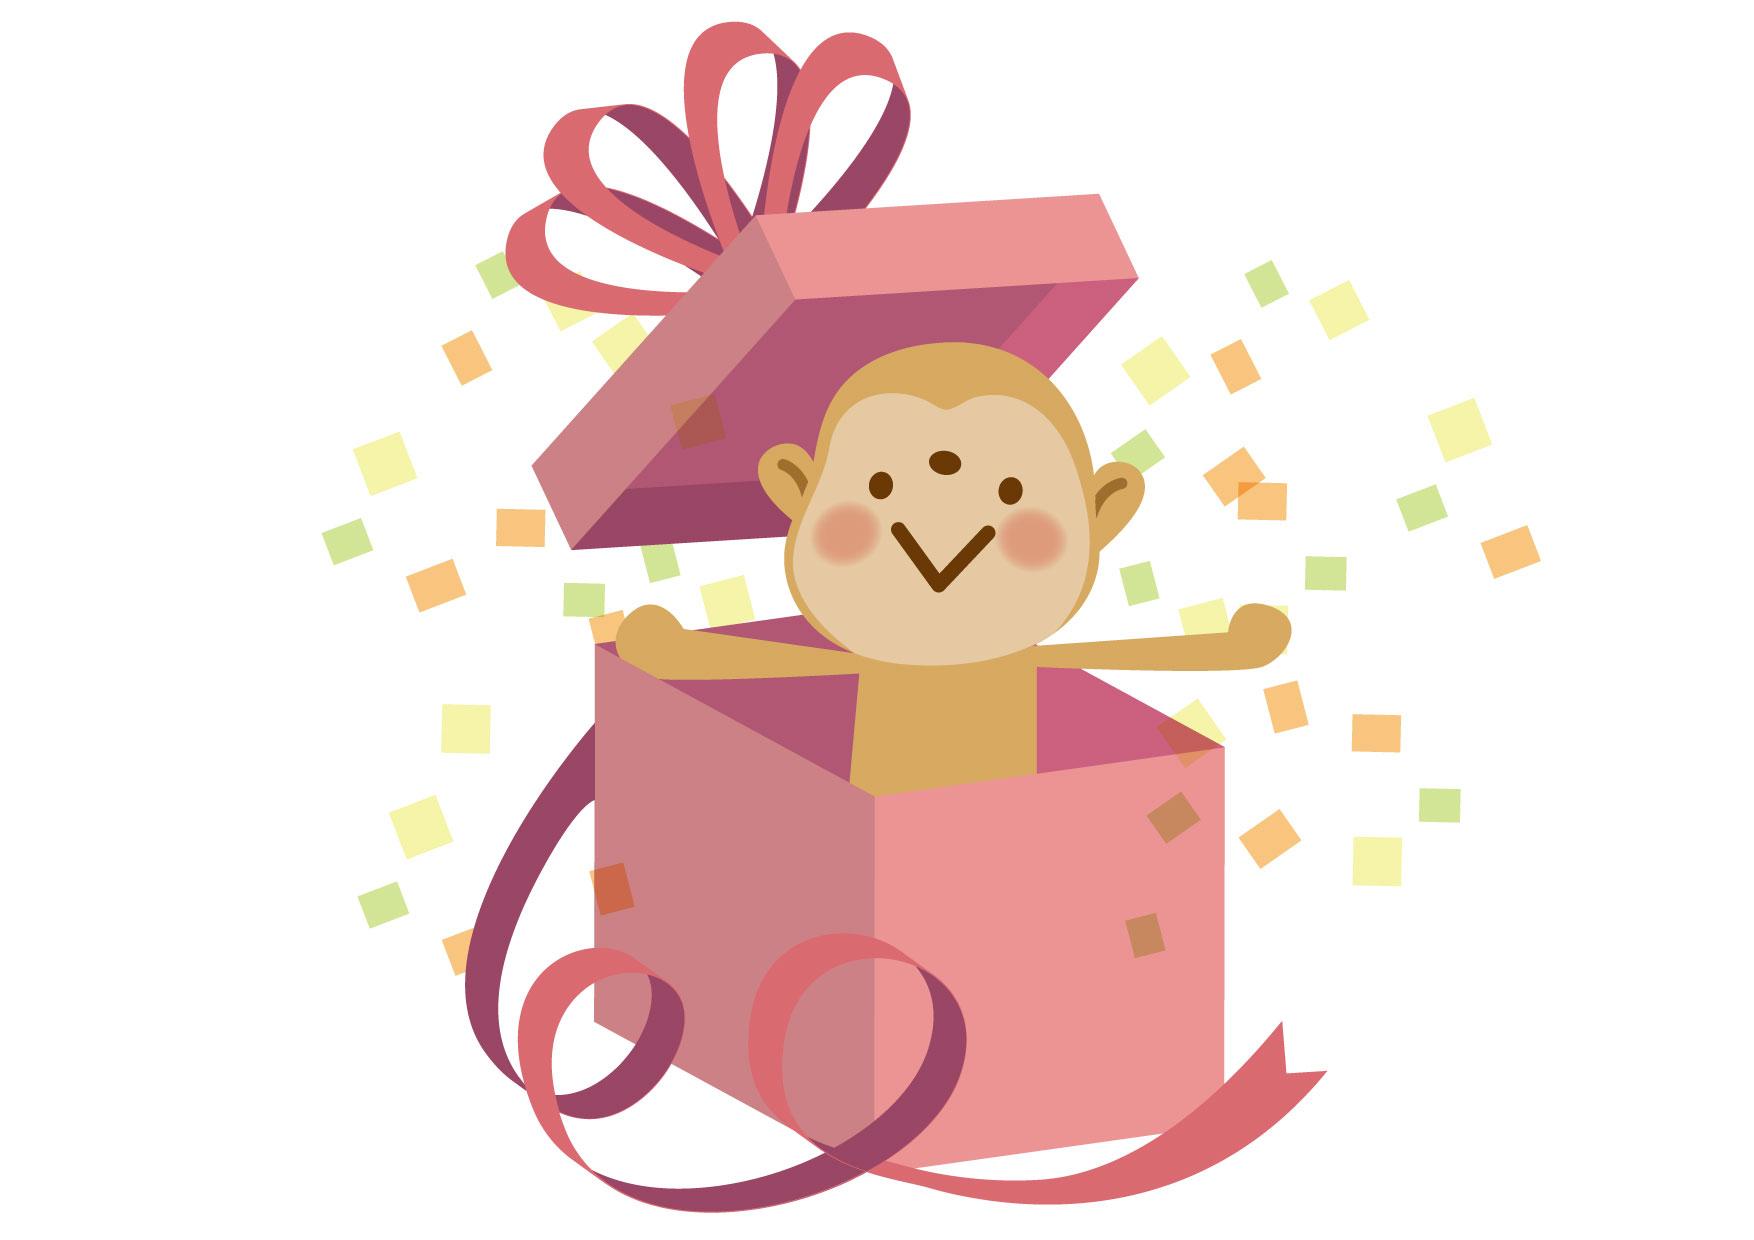 可愛いイラスト無料|さる サプライズ プレゼント リボン ピンク − free illustration Monkey Surprise Present Ribbon Pink